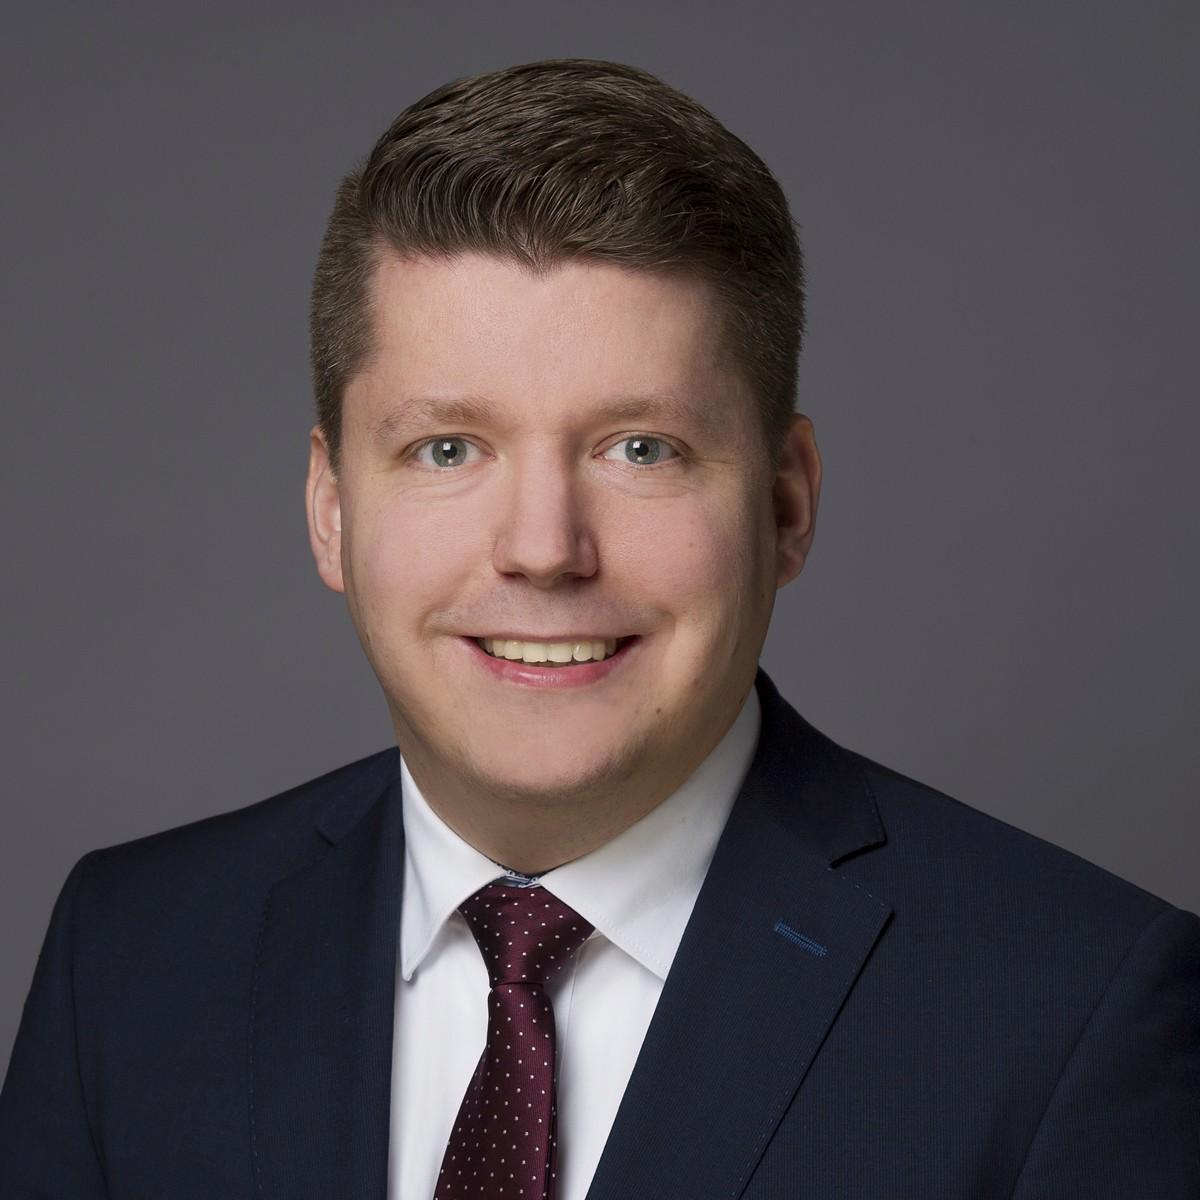 Rechtsanwalt Philipp Meinerzhagen - Baden und Kollegen